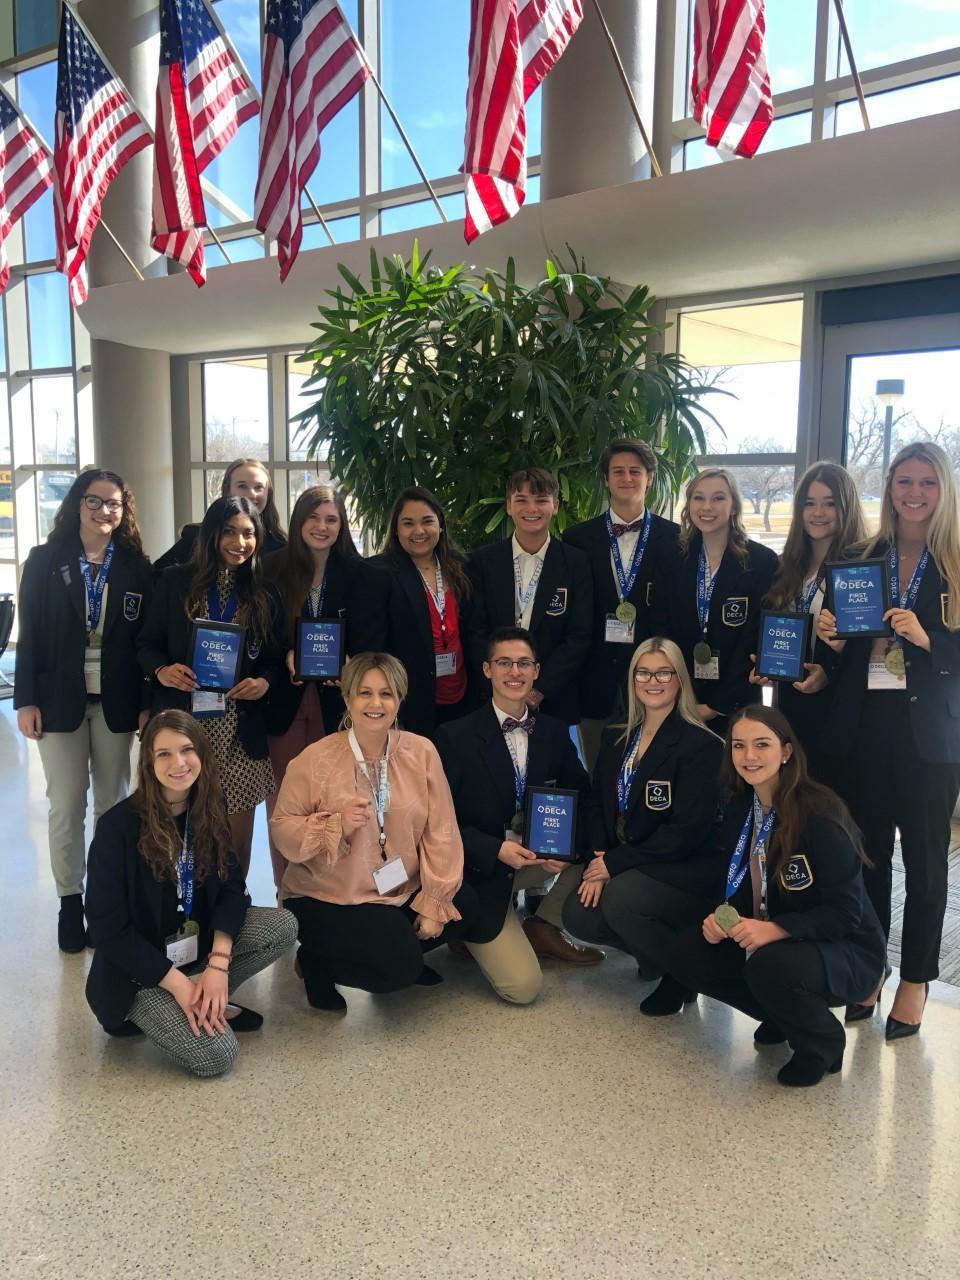 Po-Hi DECA students bring home top honors